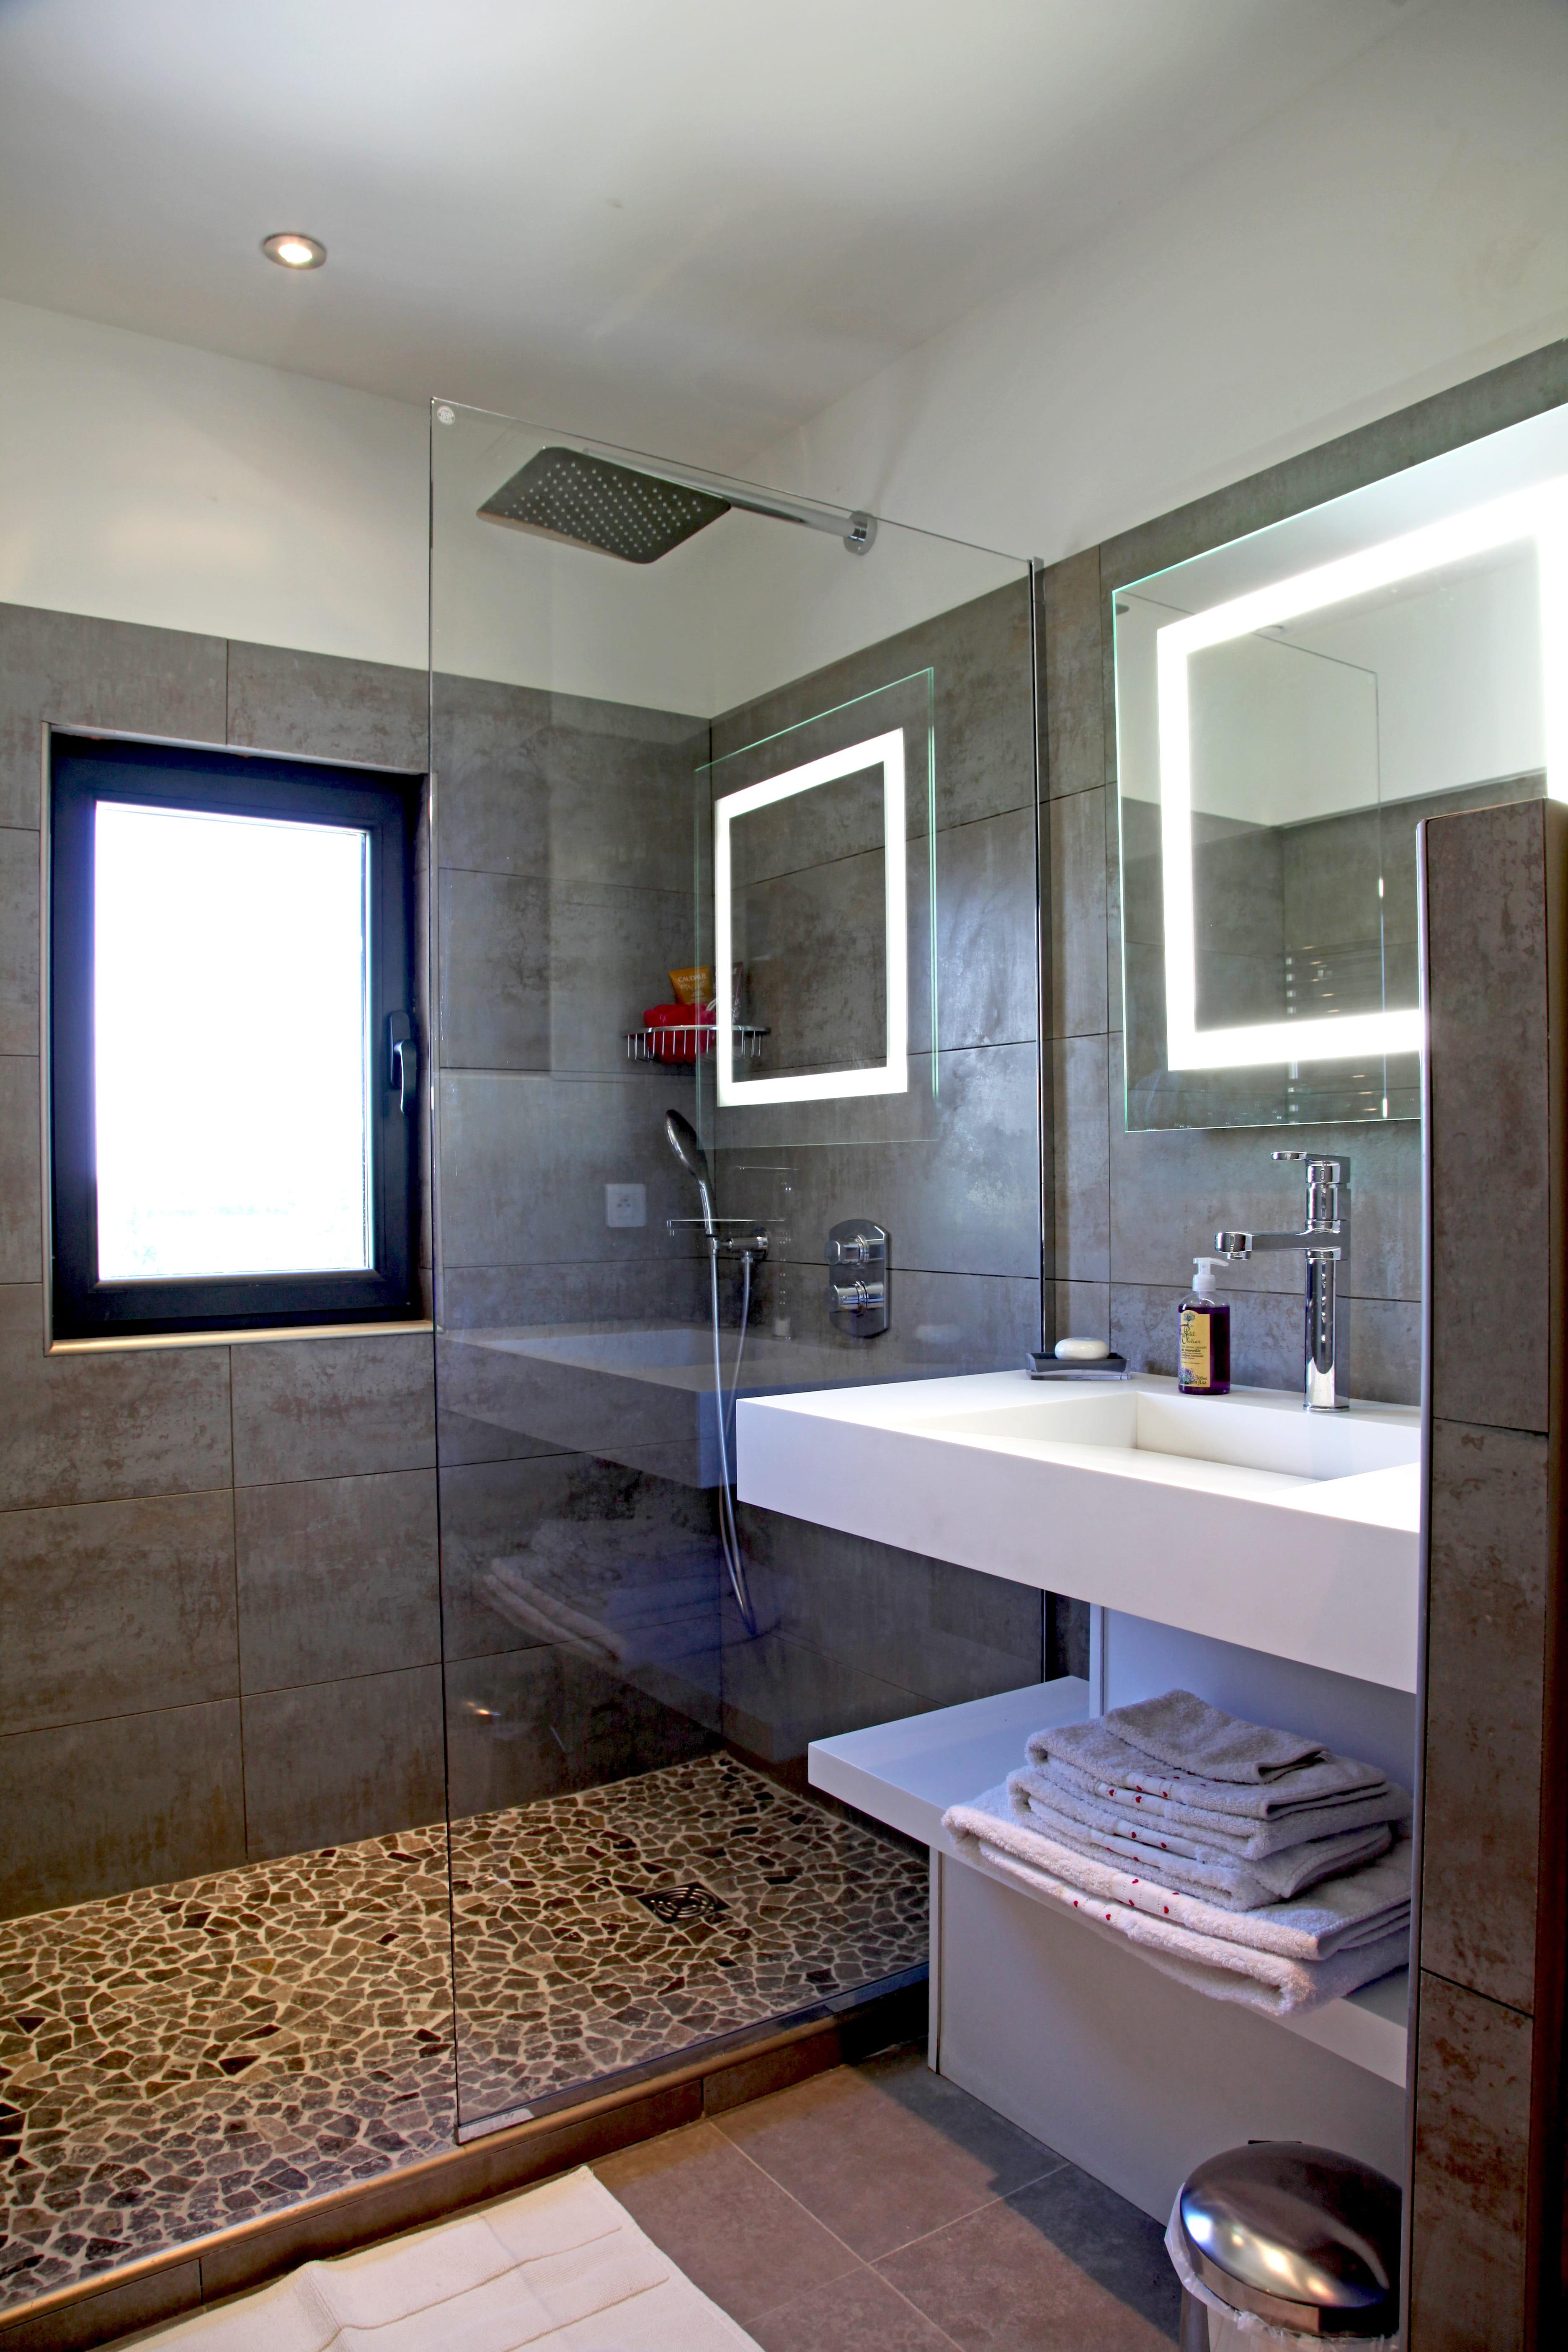 Salle de bains ultra moderne : Salle de bains : petite mais pleine d ...